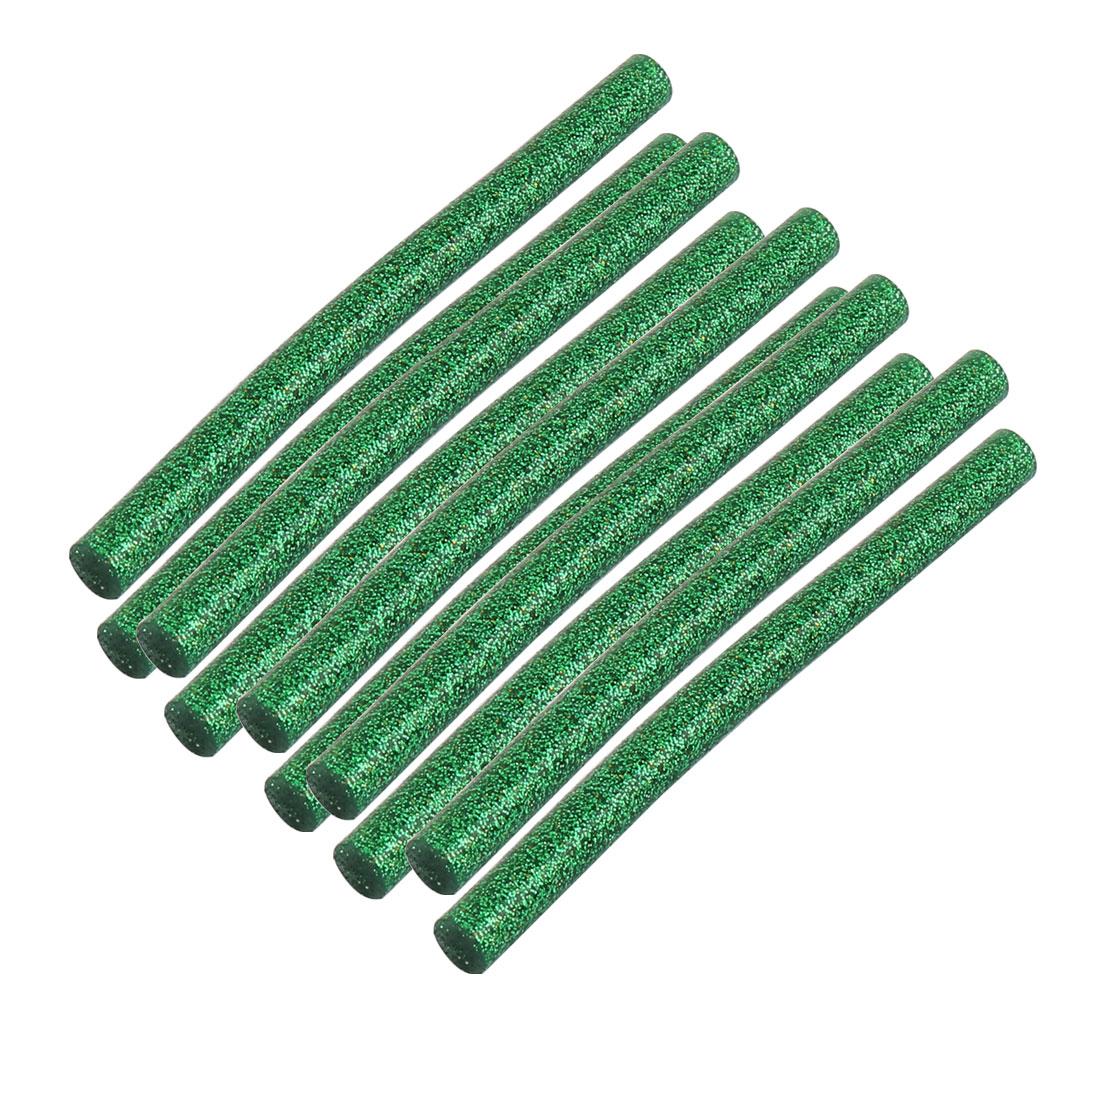 10pcs 100mm x 7mm Green Hot Melt Glue Sticks for General Purpose Hot Melt Gun